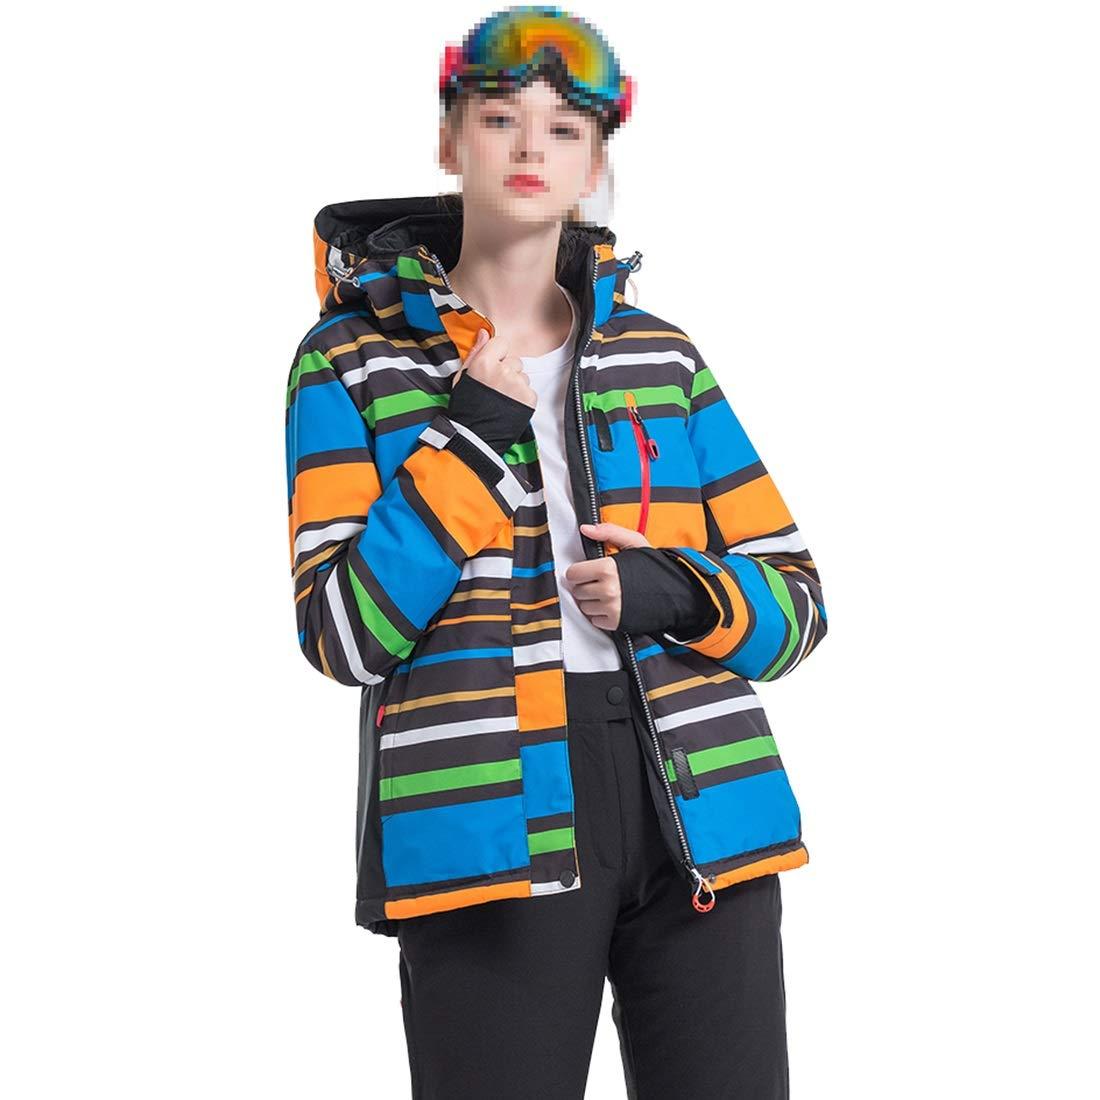 Omasuwi Giacca Giacca Giacca da Sci da Snowboard Traspirante Impermeabile da Donna (Coloree   Coloree, Dimensione   L)B07JRDHHC3M Coloree | Sconto  | Di Nuovi Prodotti 2019  | Colori vivaci  | Design moderno  | Non così costoso  | benevento  7c473e